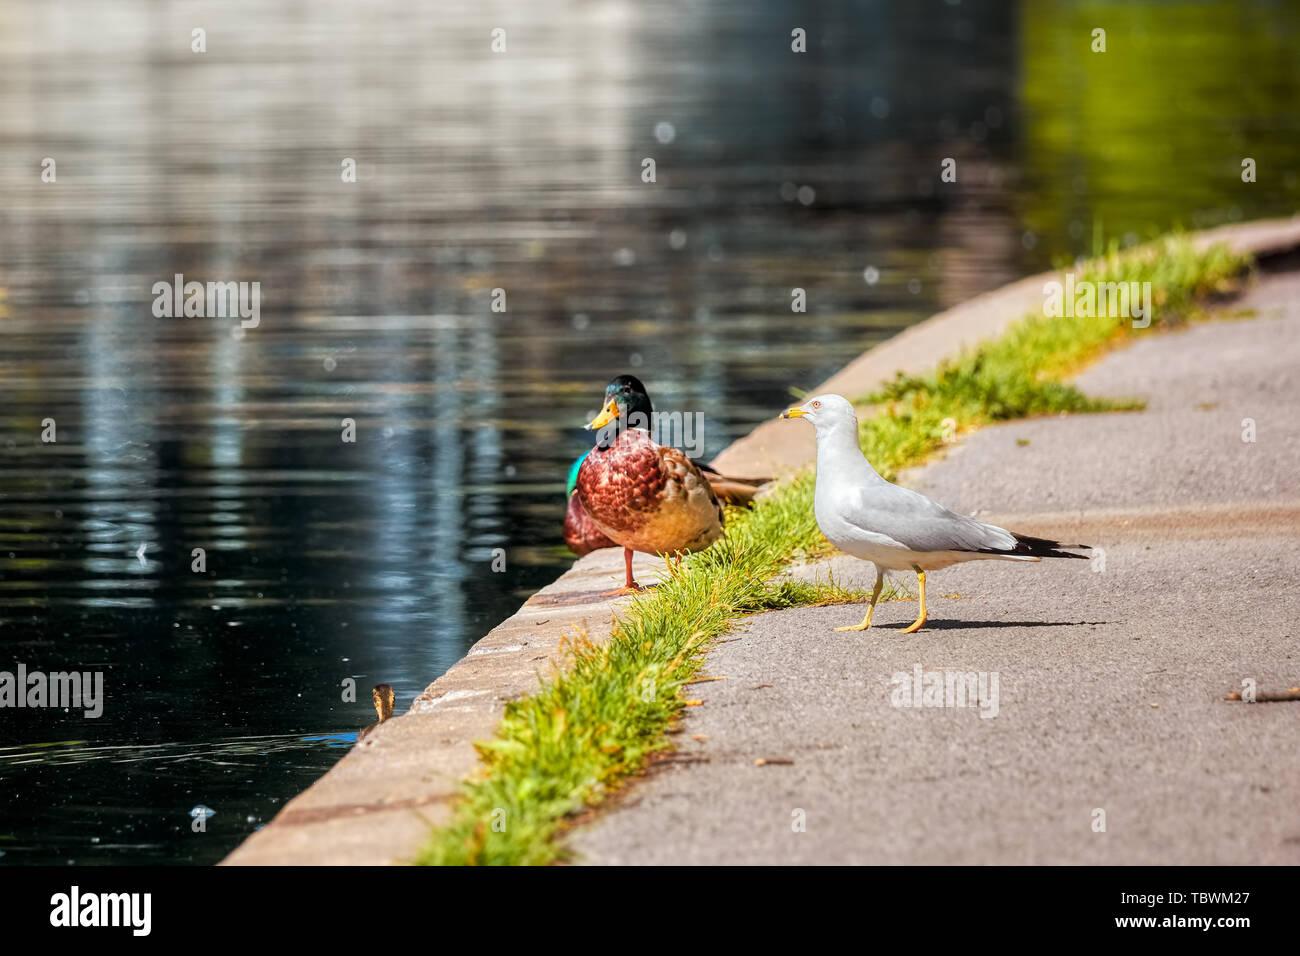 Un pato real y una gaviota juntos cerca de la charca. Compañerismo y amistad en la naturaleza Imagen De Stock